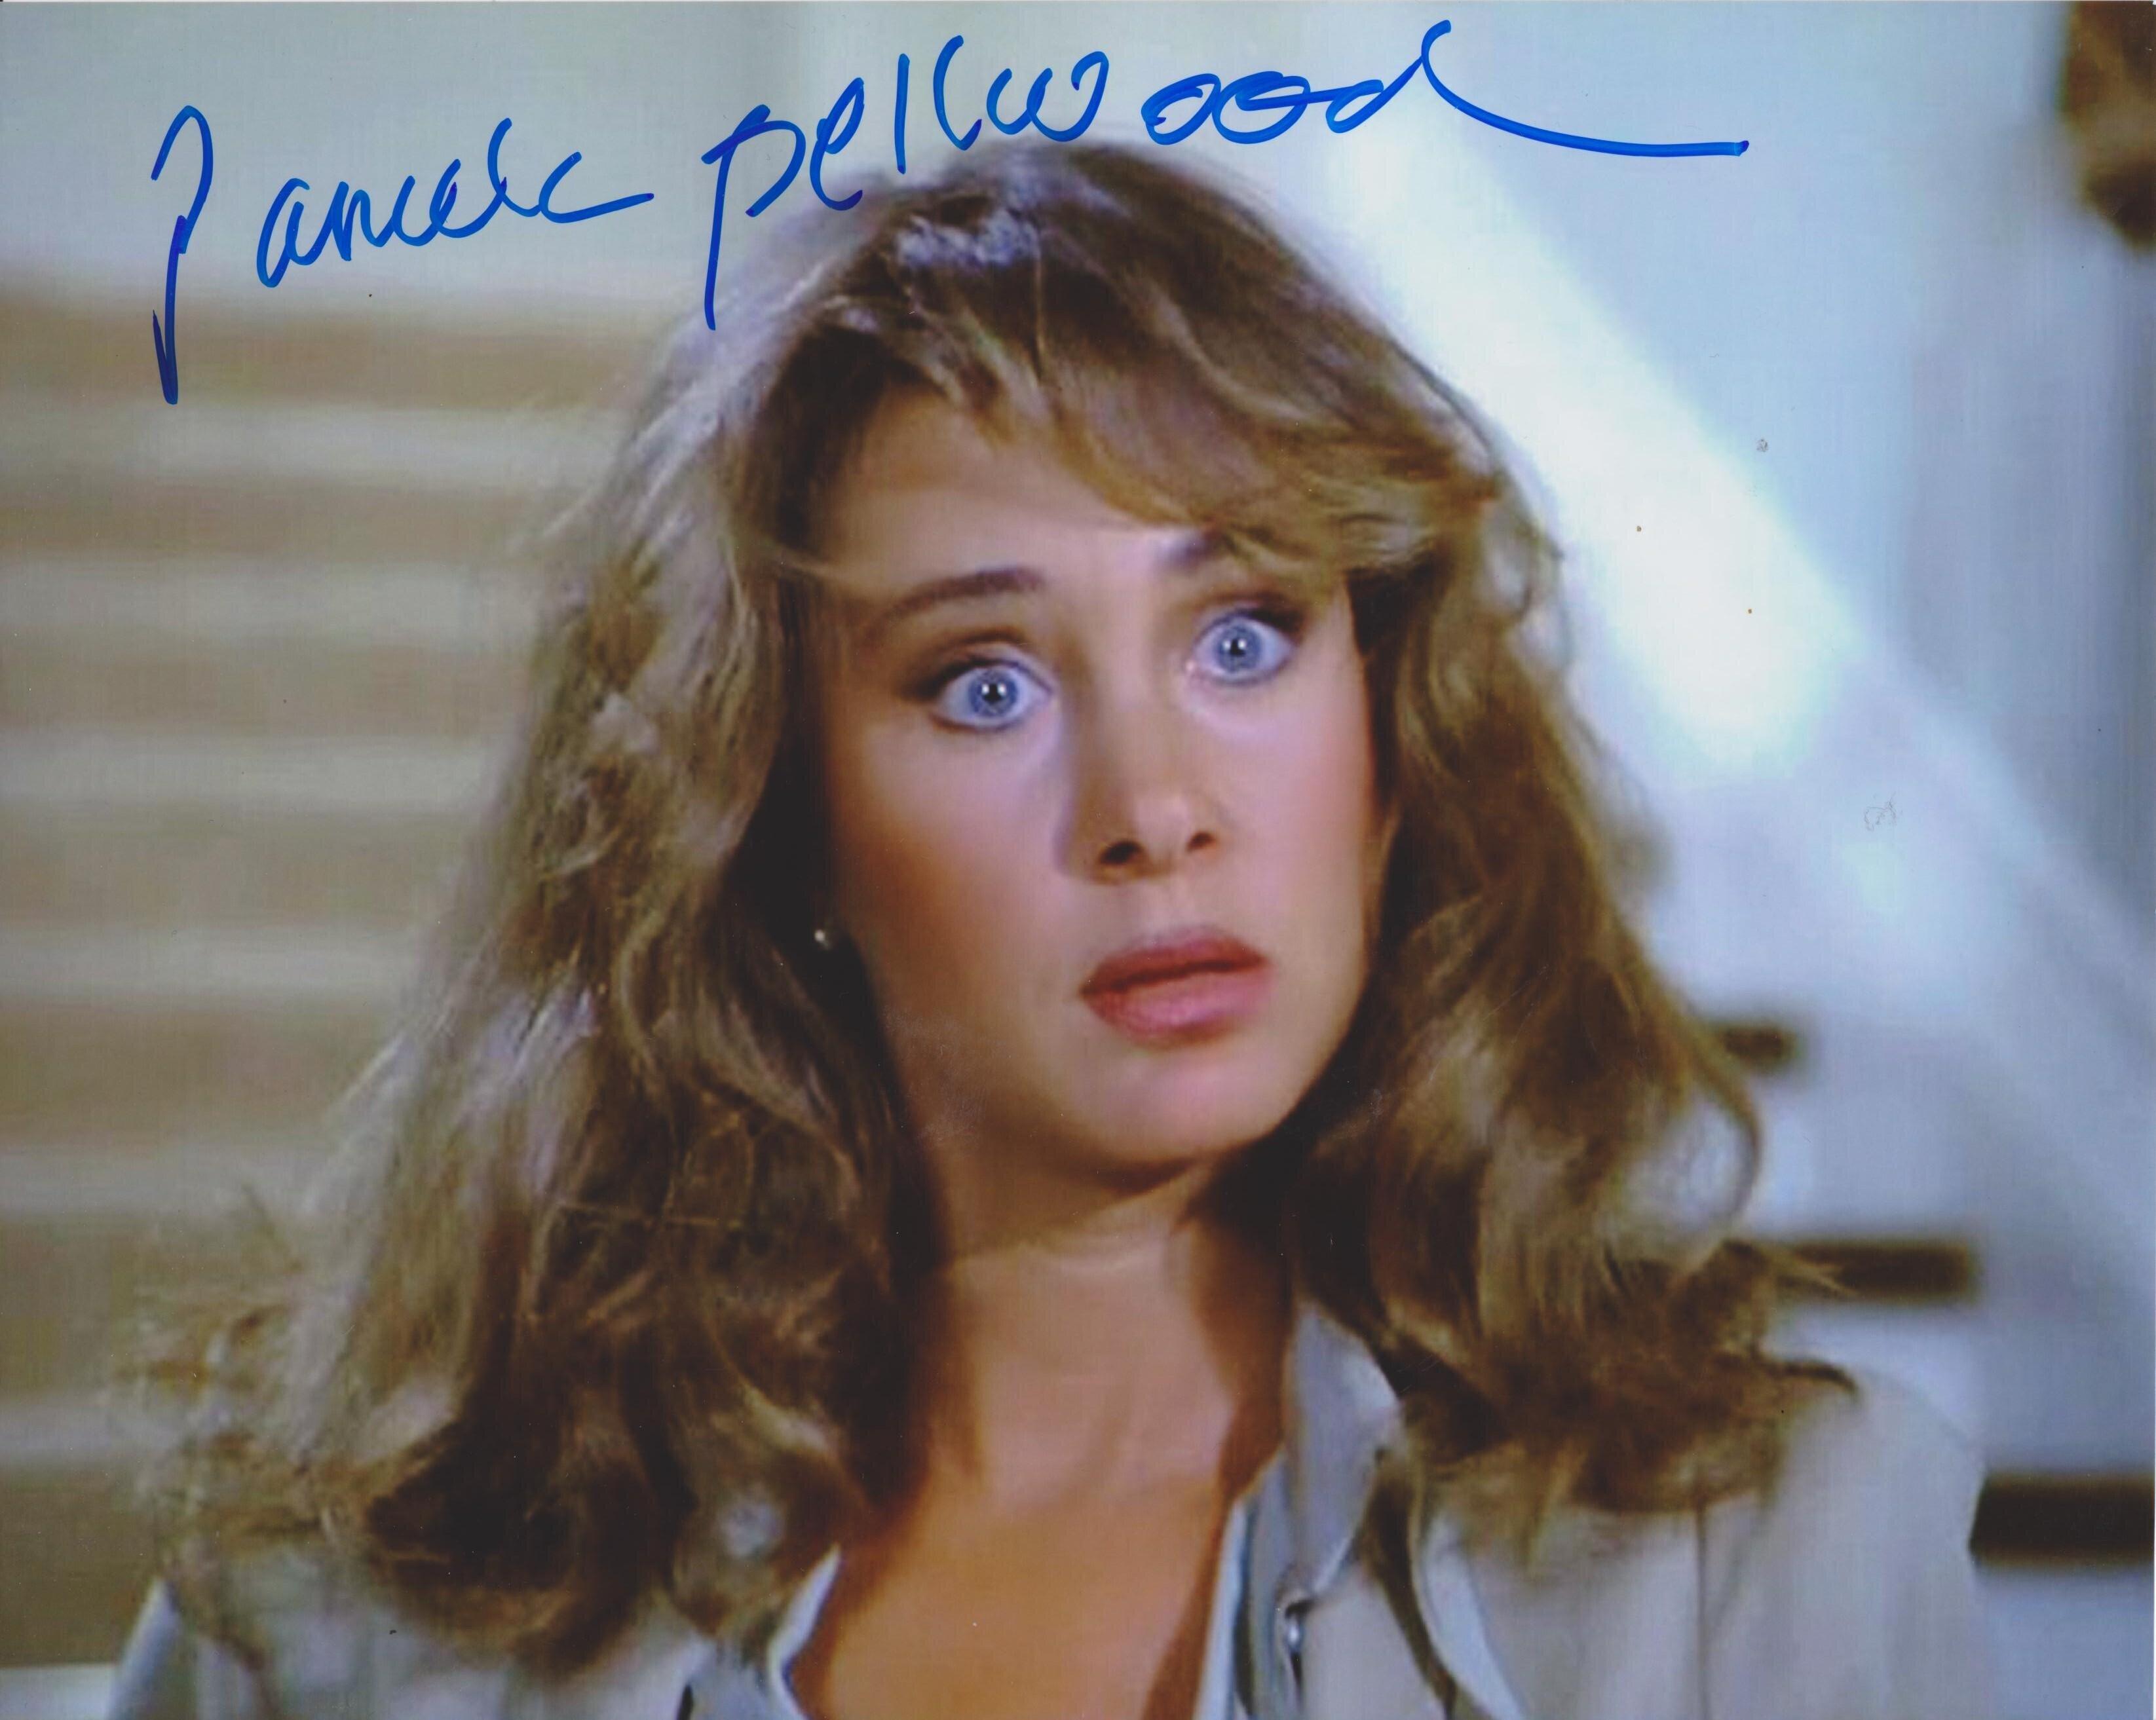 Pamela Bellwood Pamela Bellwood new pics